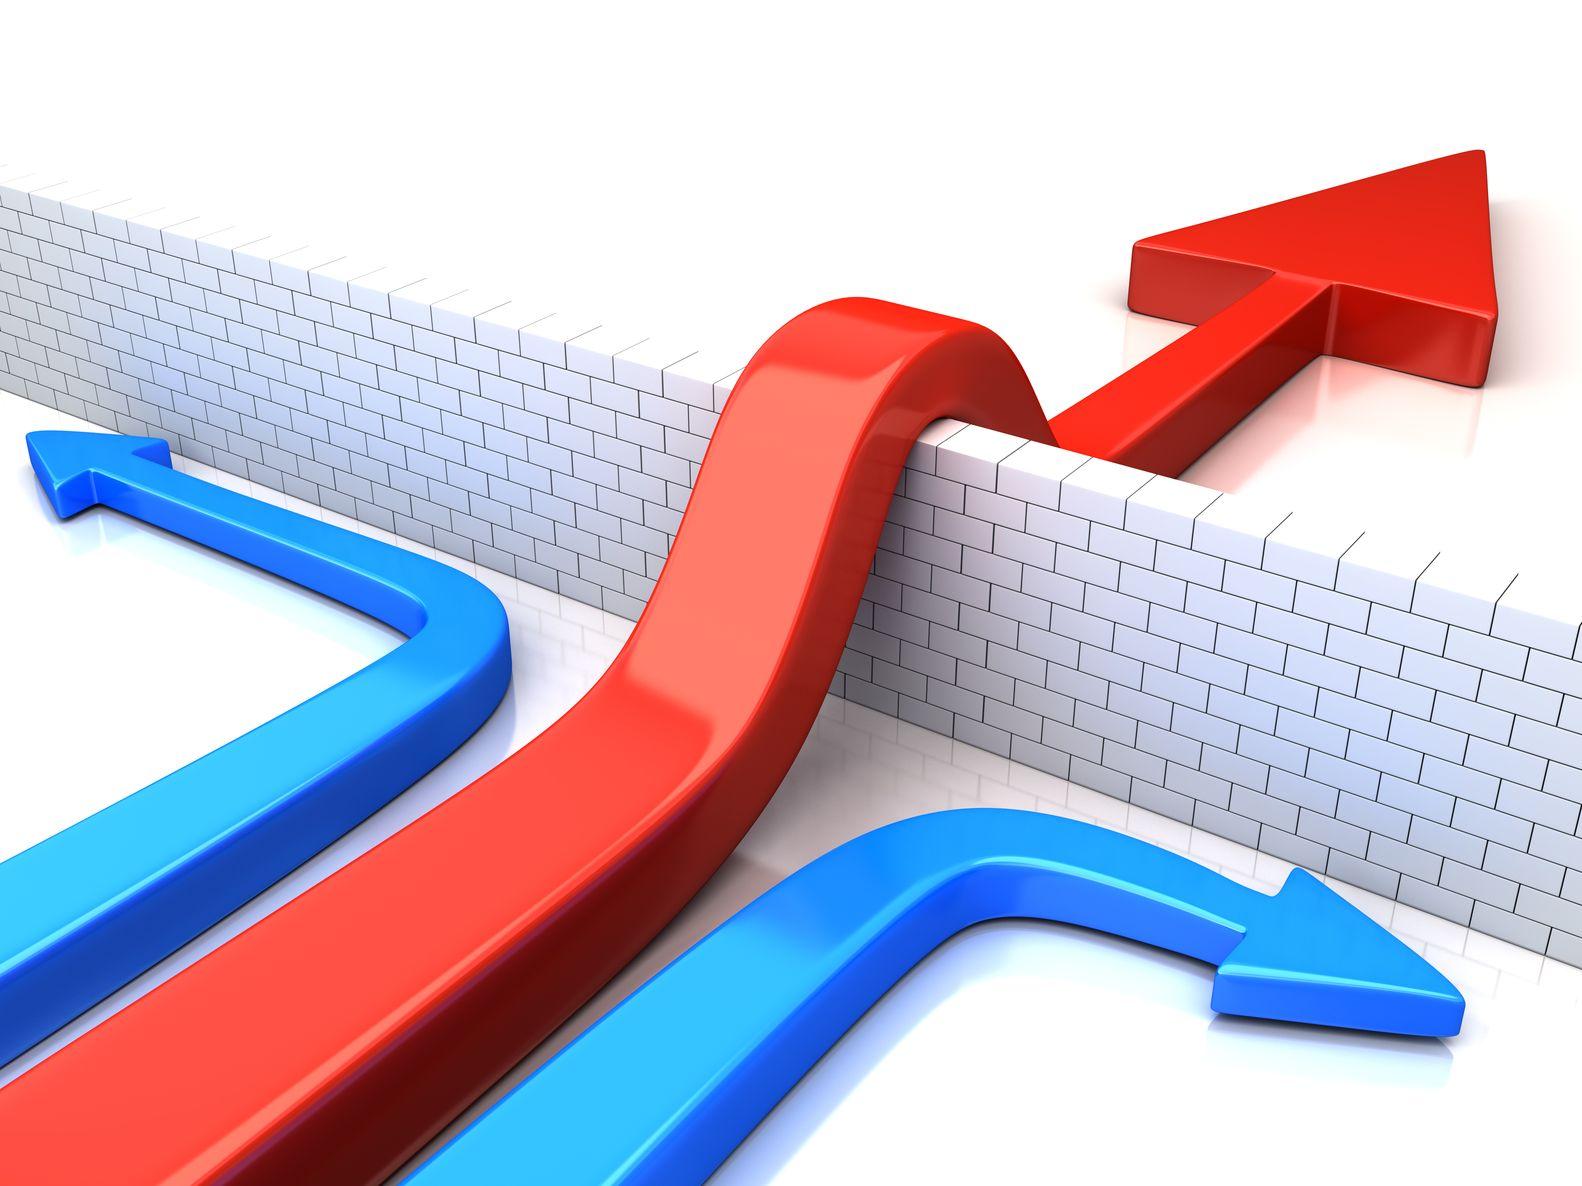 Vermijdingsgedrag bij dienstverlening | Q-Steps